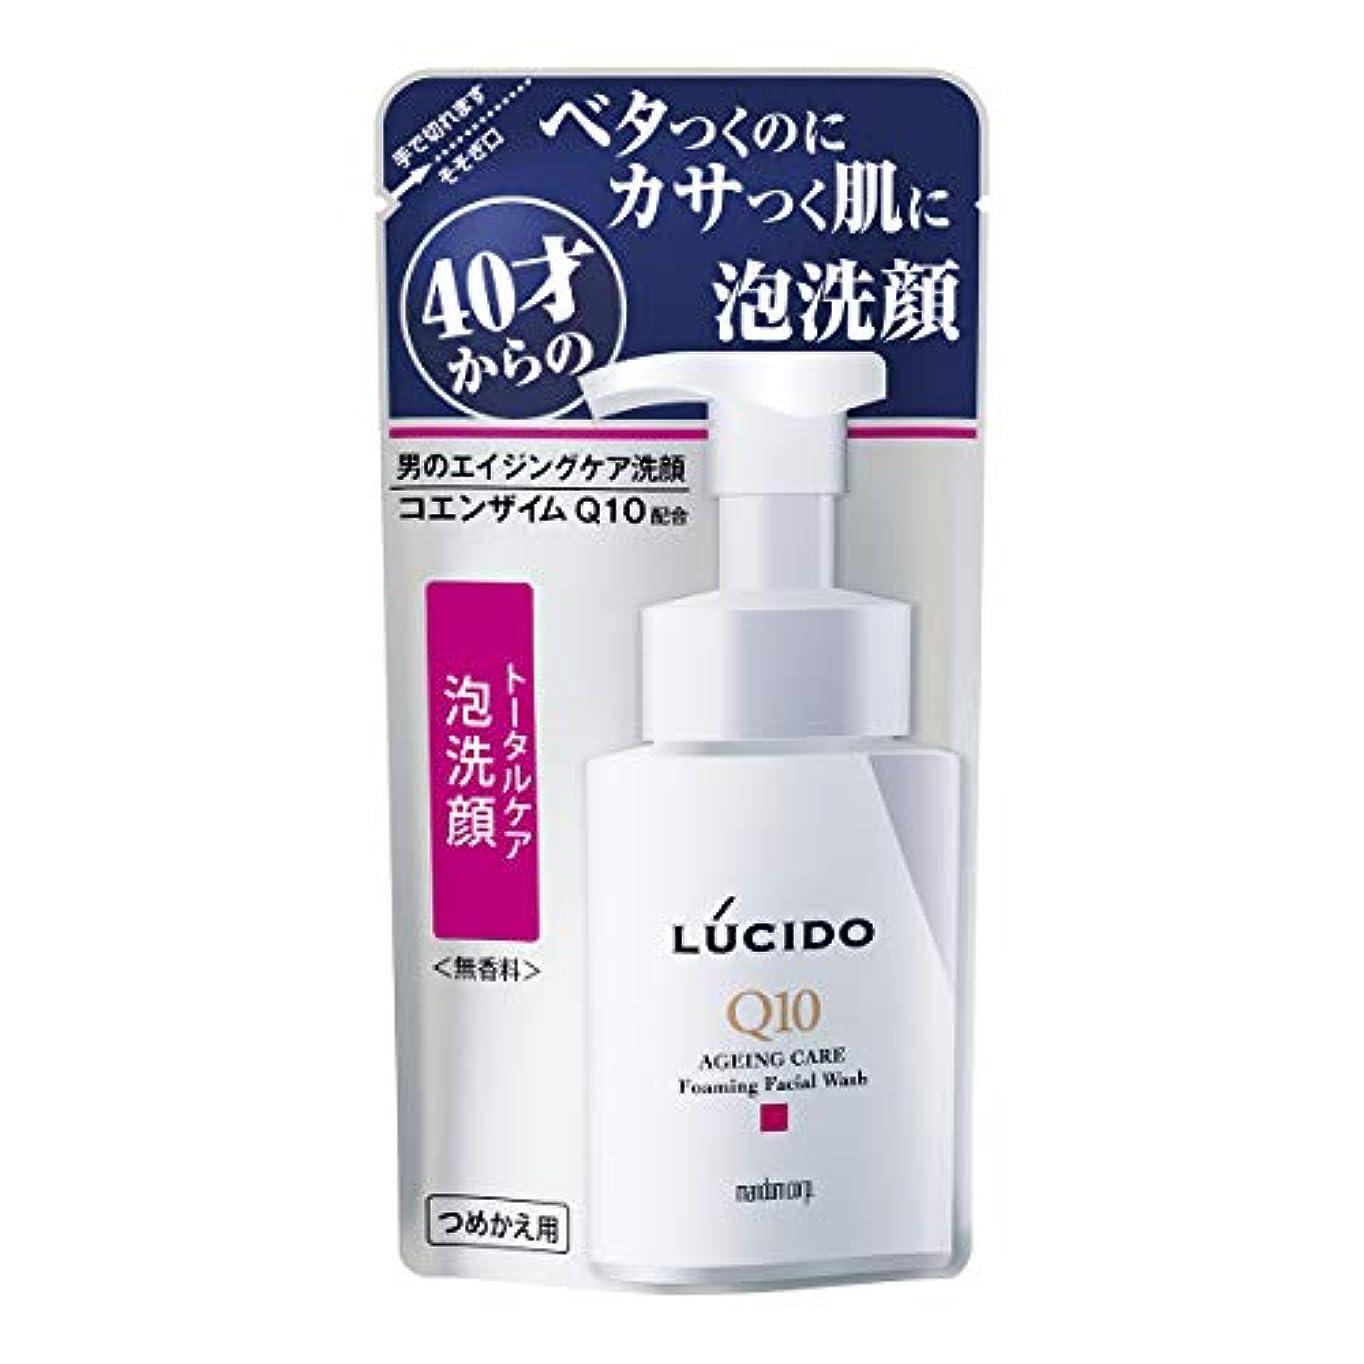 一目ラフ睡眠食い違いルシード (LUCIDO) トータルケア泡洗顔 つめかえ用 Q10 130mL